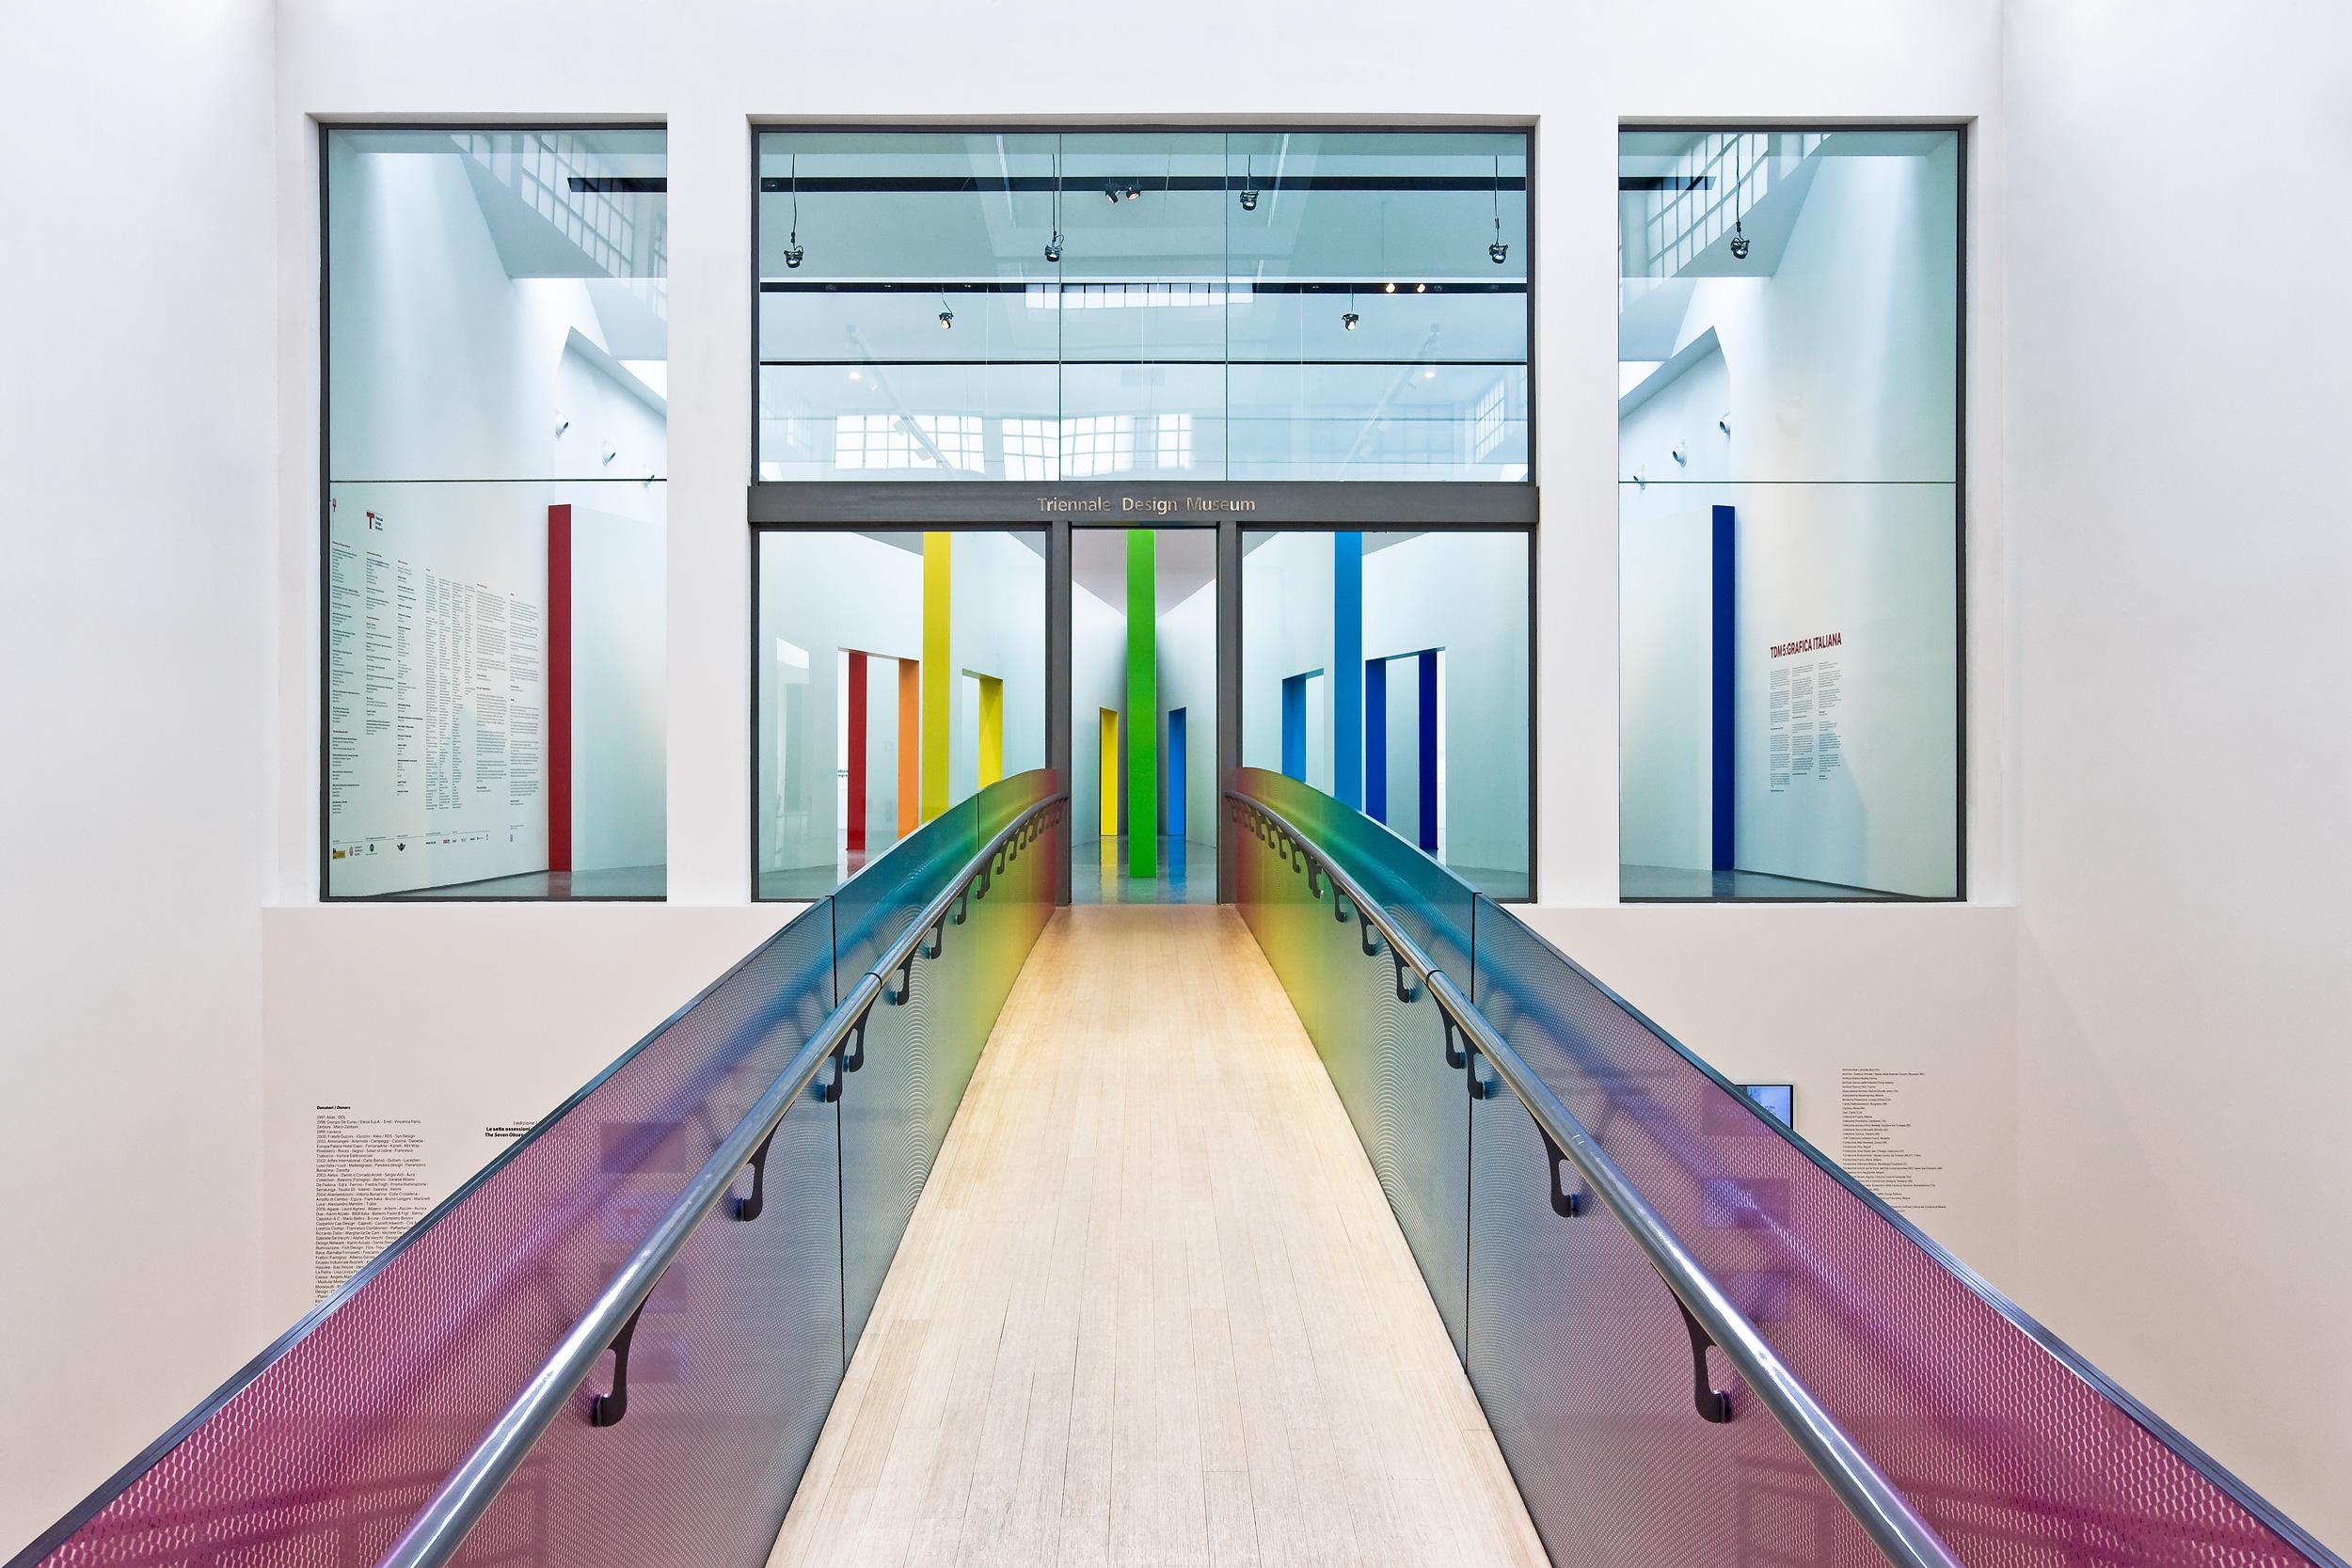 Mostra Design Milano 2018 triennale design museum - wikipedia